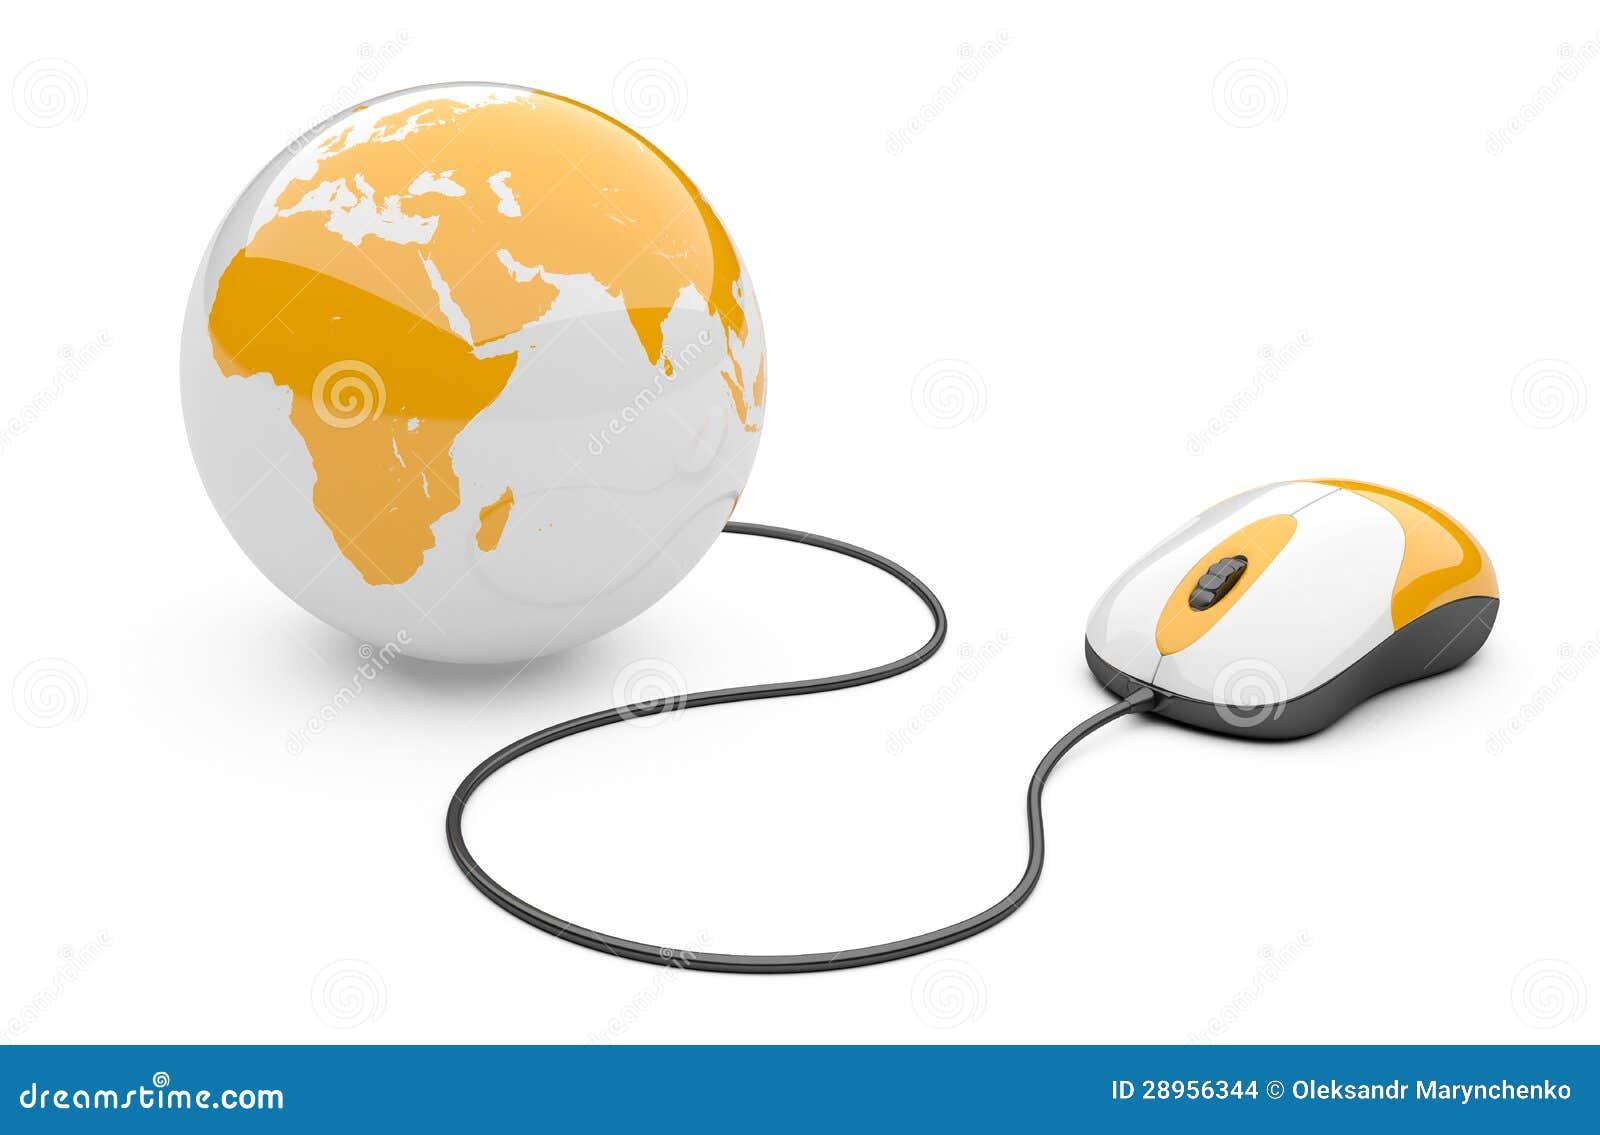 Souris d 39 ordinateur connect e un globe images stock image 28956344 - Les souris d ordinateur ...